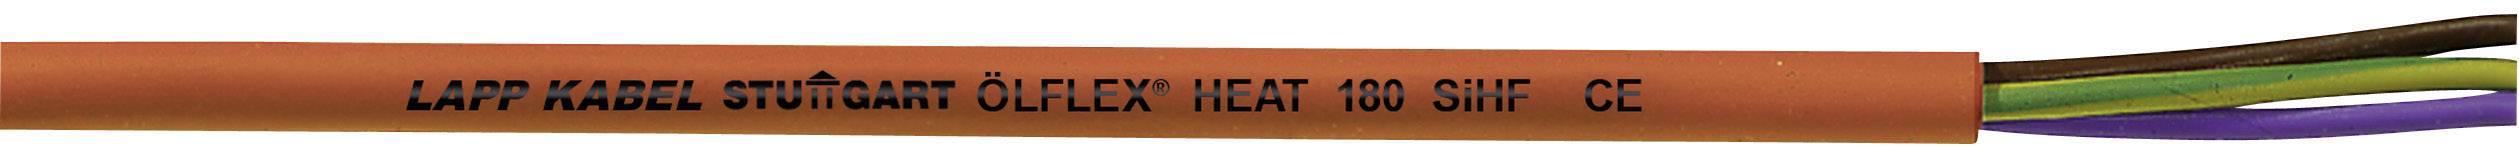 Vysokoteplotný kábel LappKabel ÖLFLEX® HEAT 180 SIHF 0046001, 2 x 0.75 mm², vonkajší Ø 6.40 mm, 500 V, metrový tovar, červená, hnedá